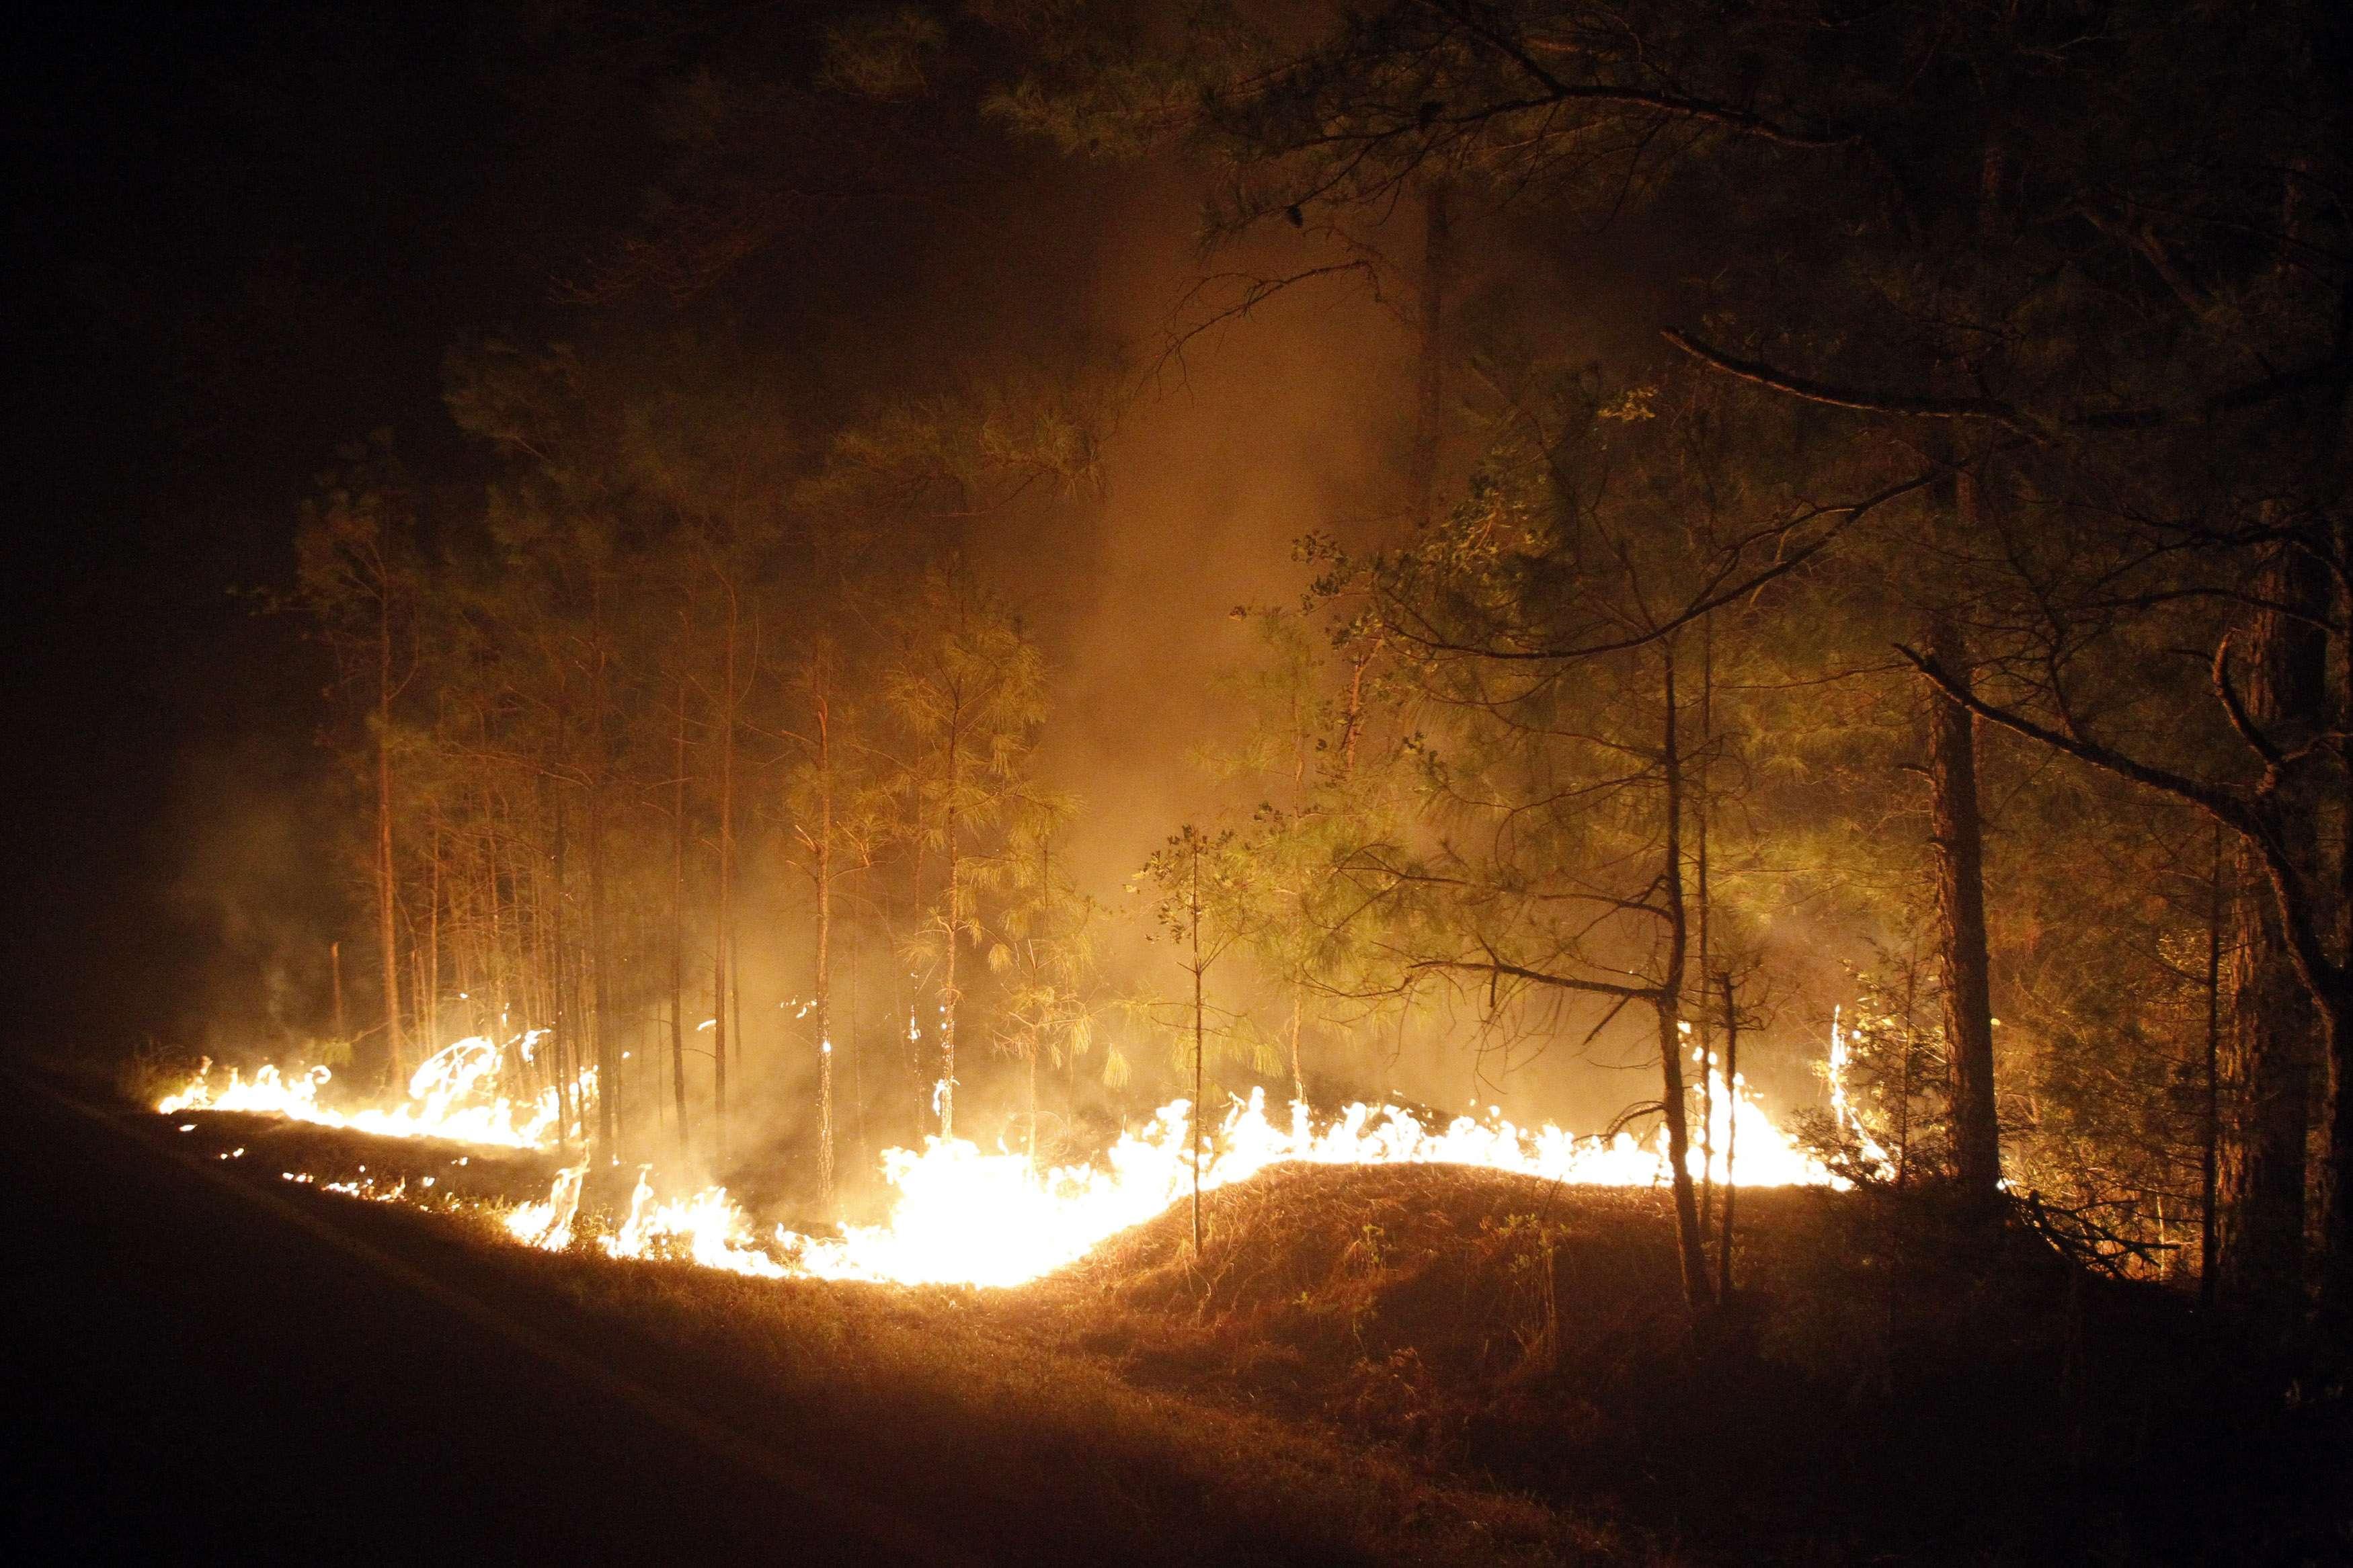 FOTOS: la destrucción que ocasiónó el incendio más grande de Texas